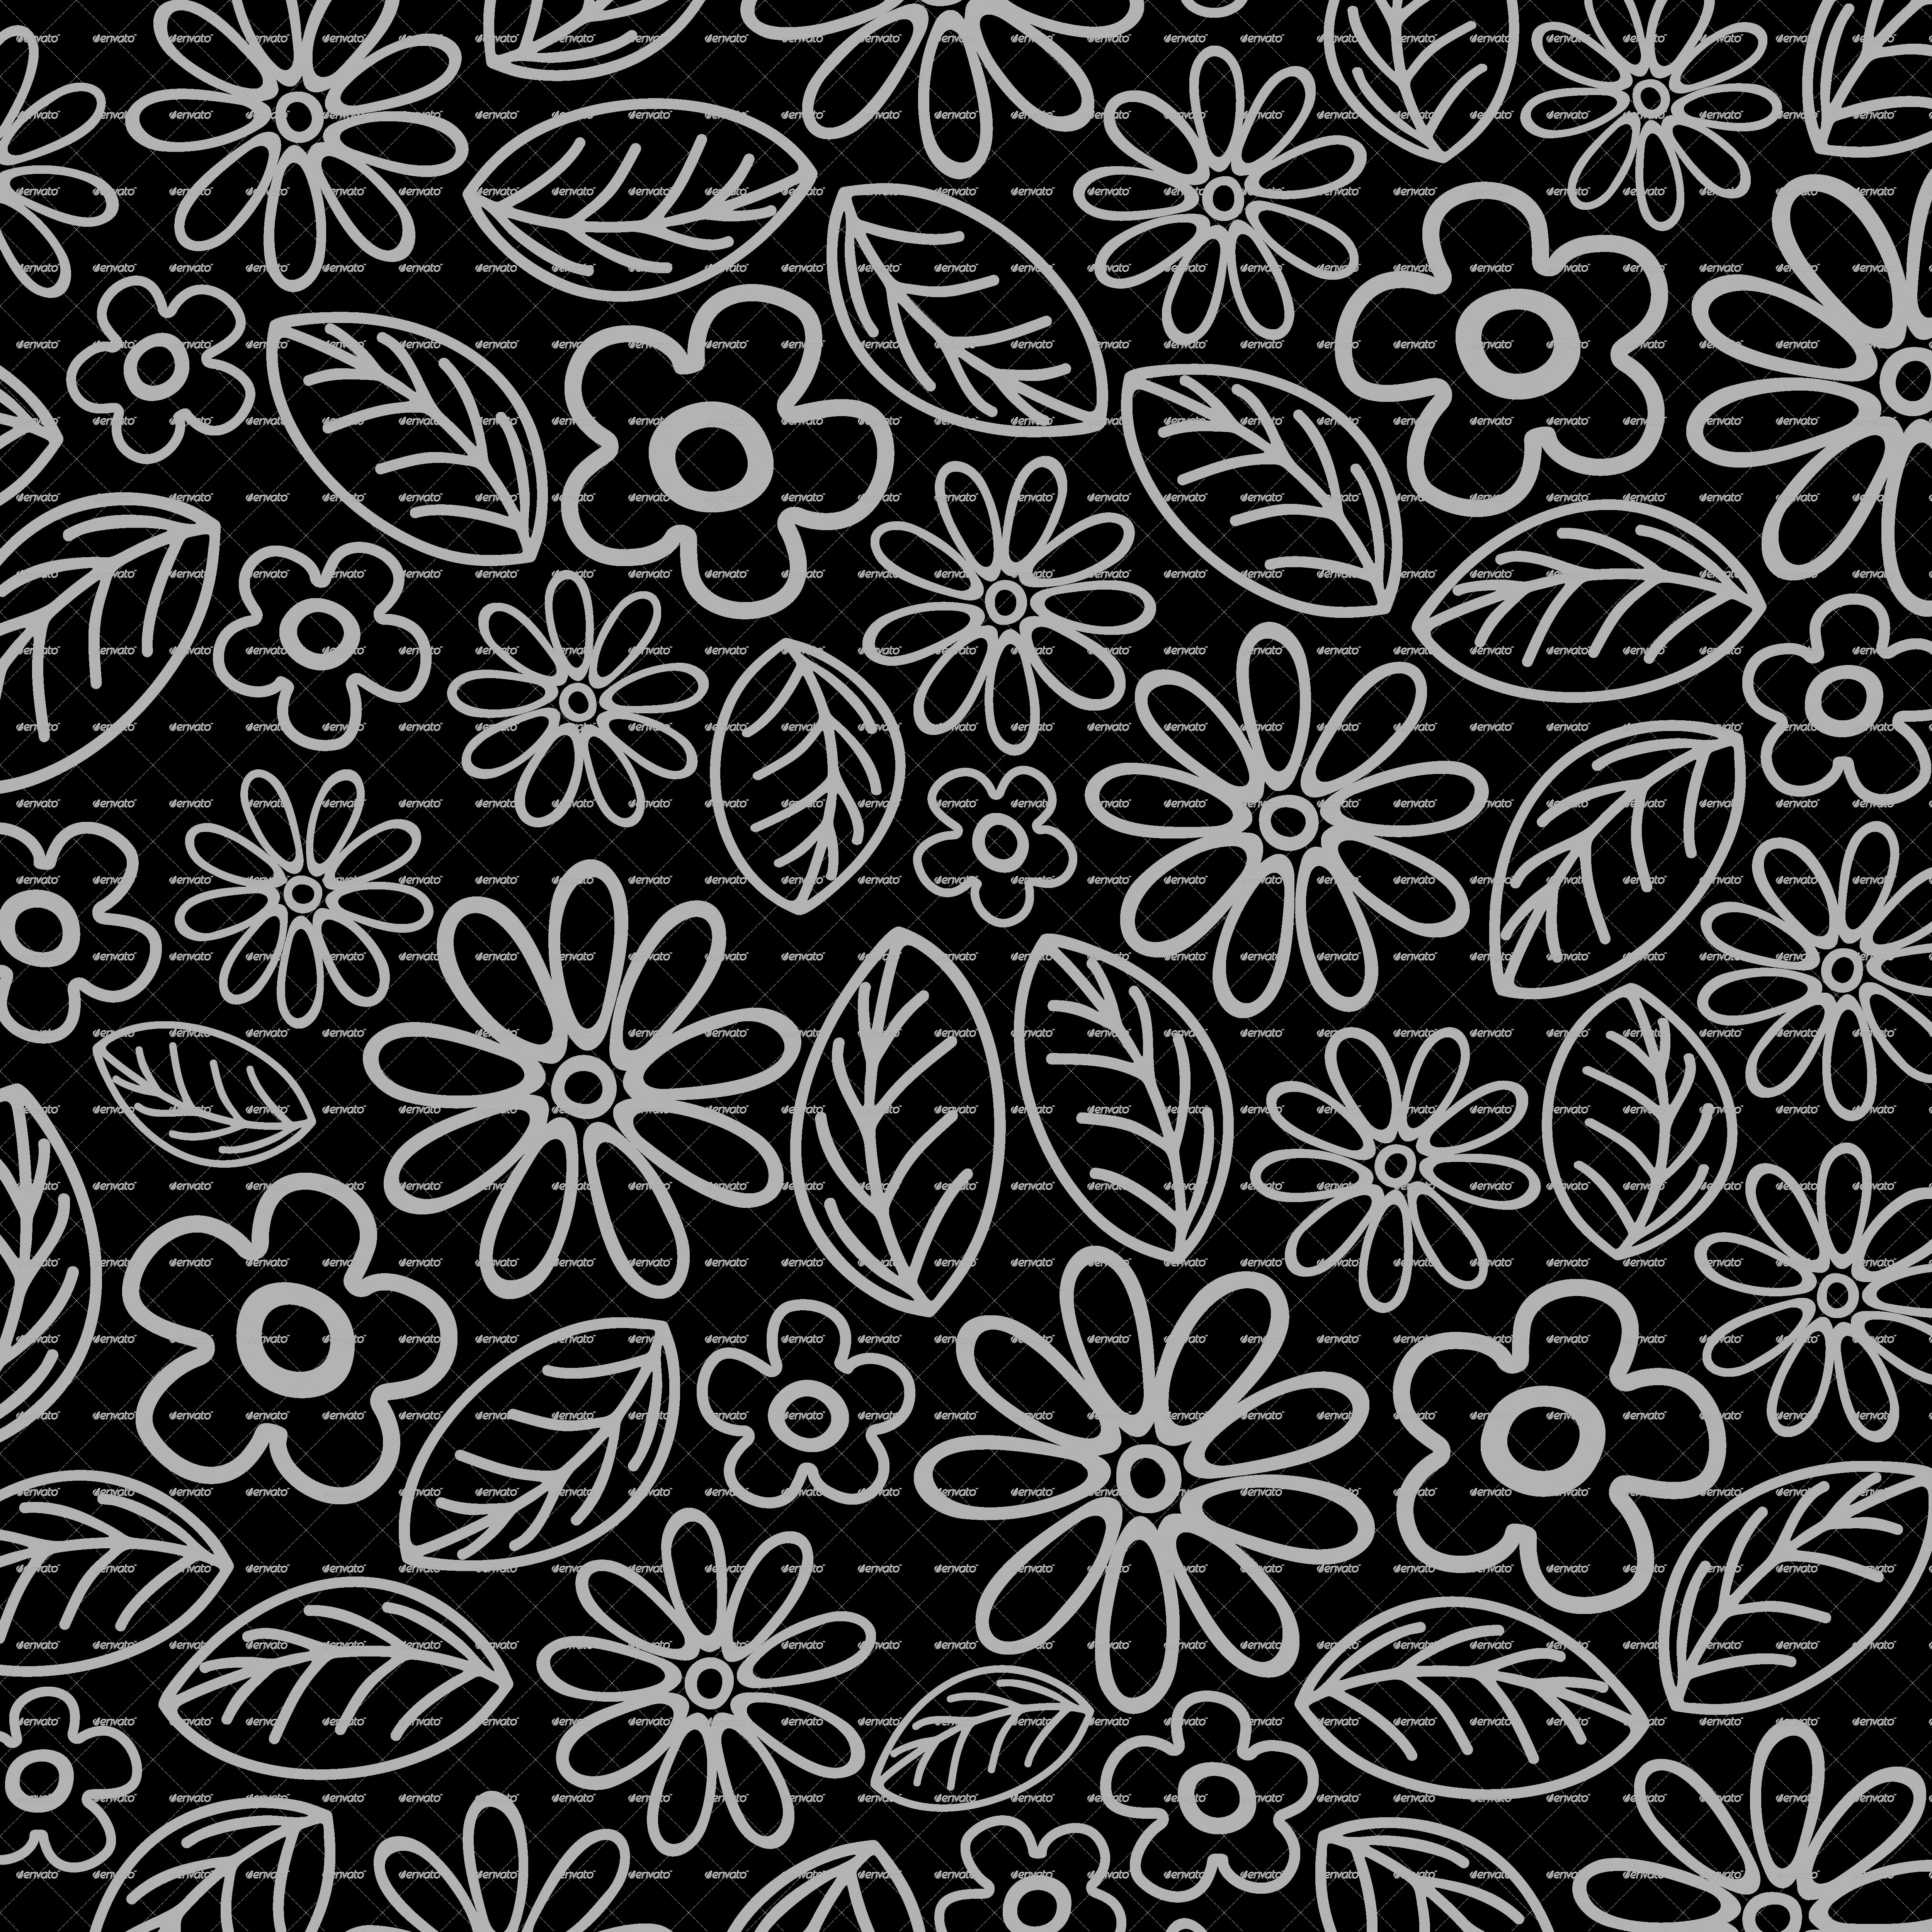 Elephant Floral Batik Art Design By Bluedarkat